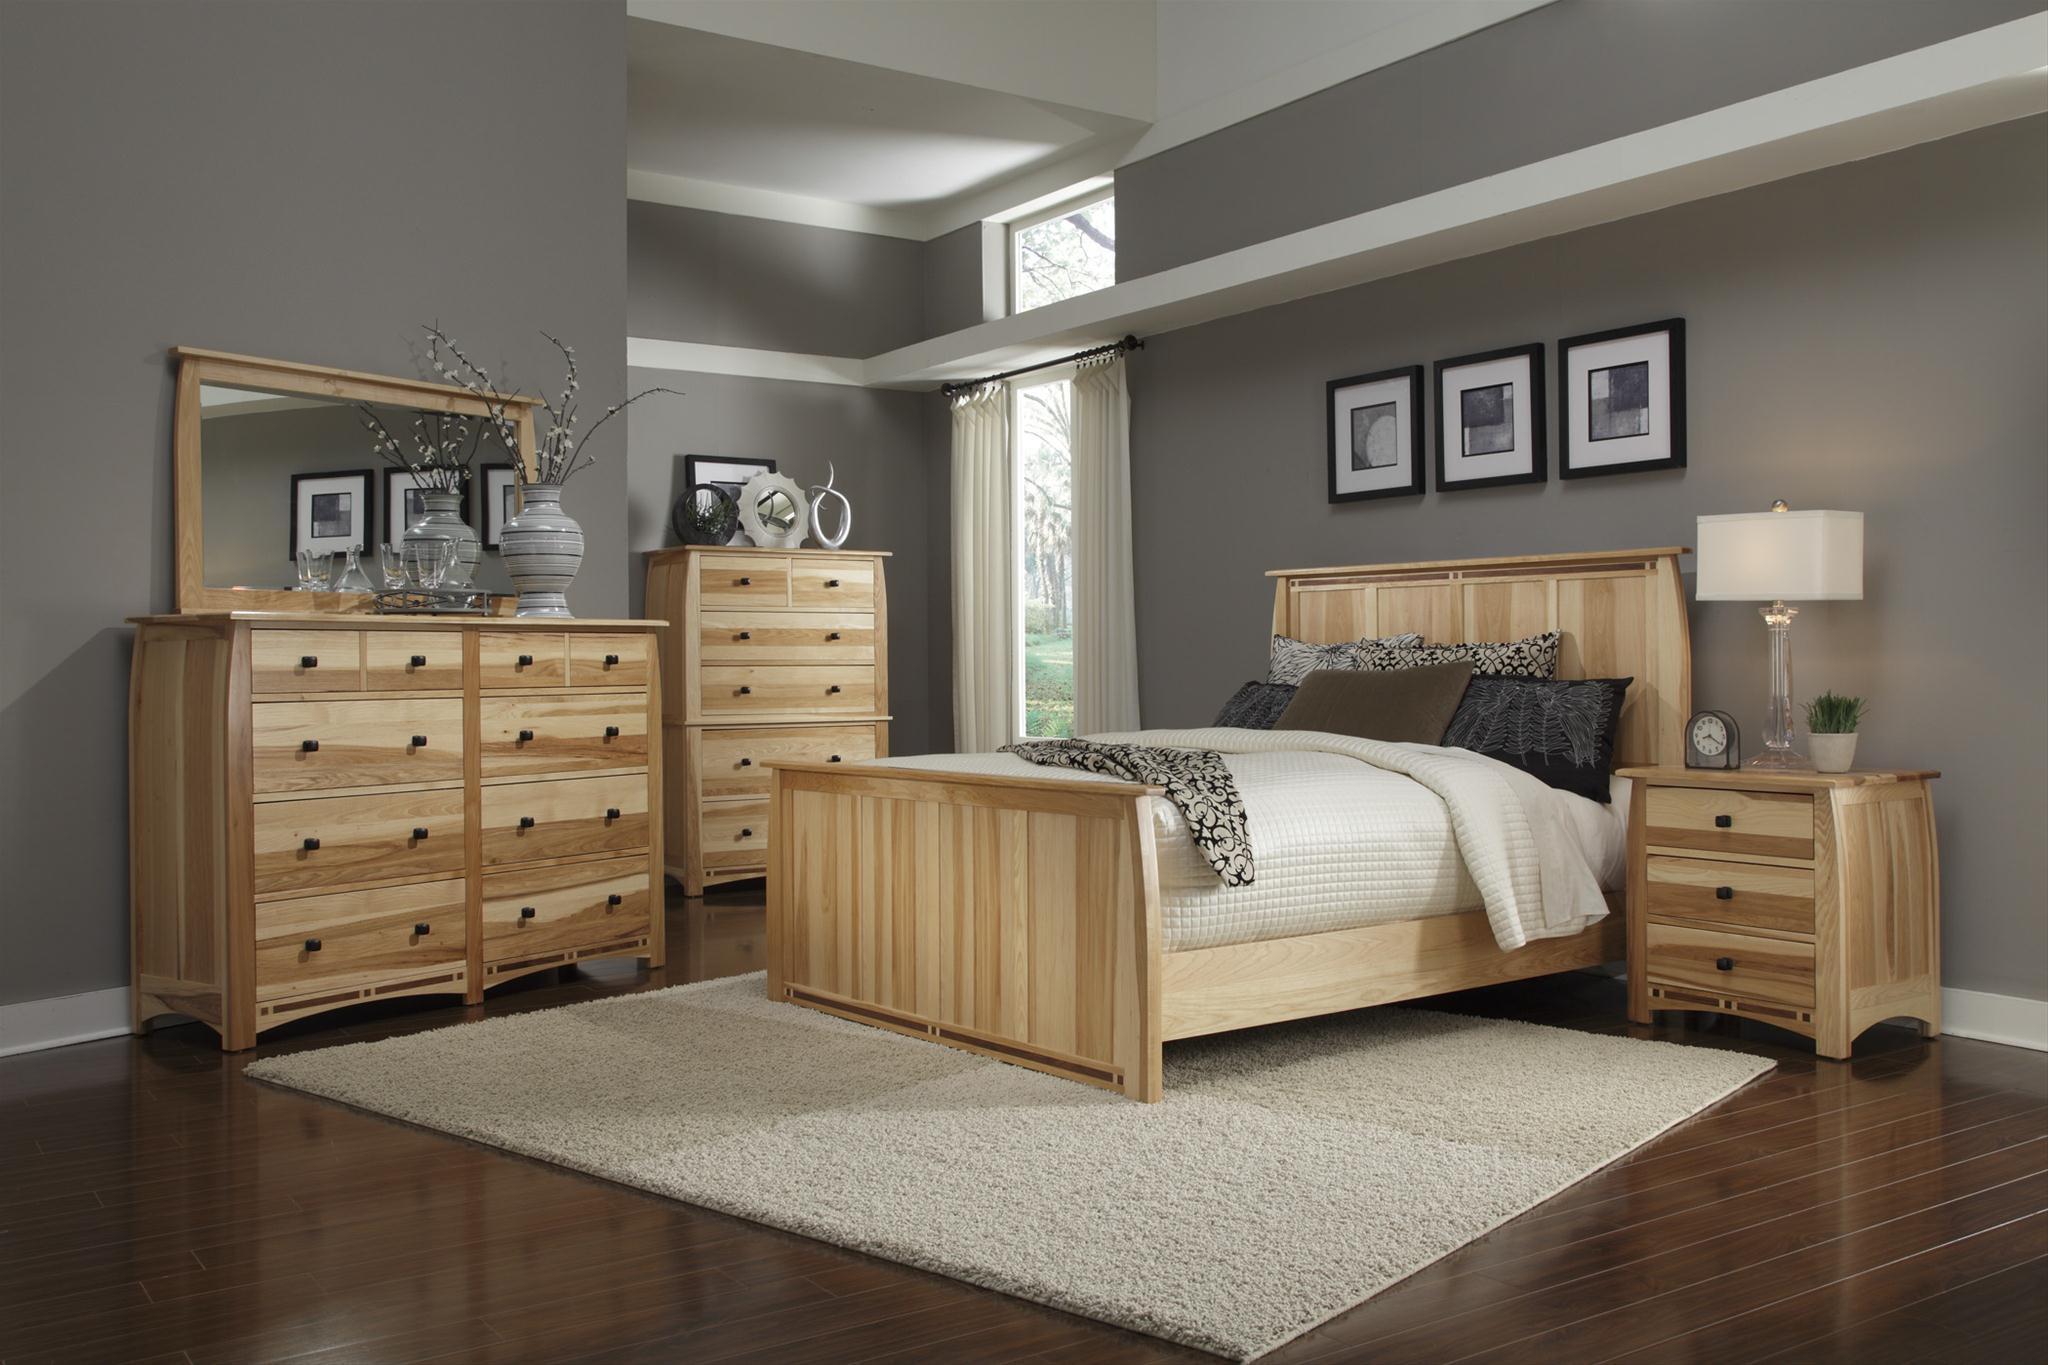 AAmerica Allentown 4-Piece King Bedroom Group - Item Number: ADA-NT-50-55-75-K07